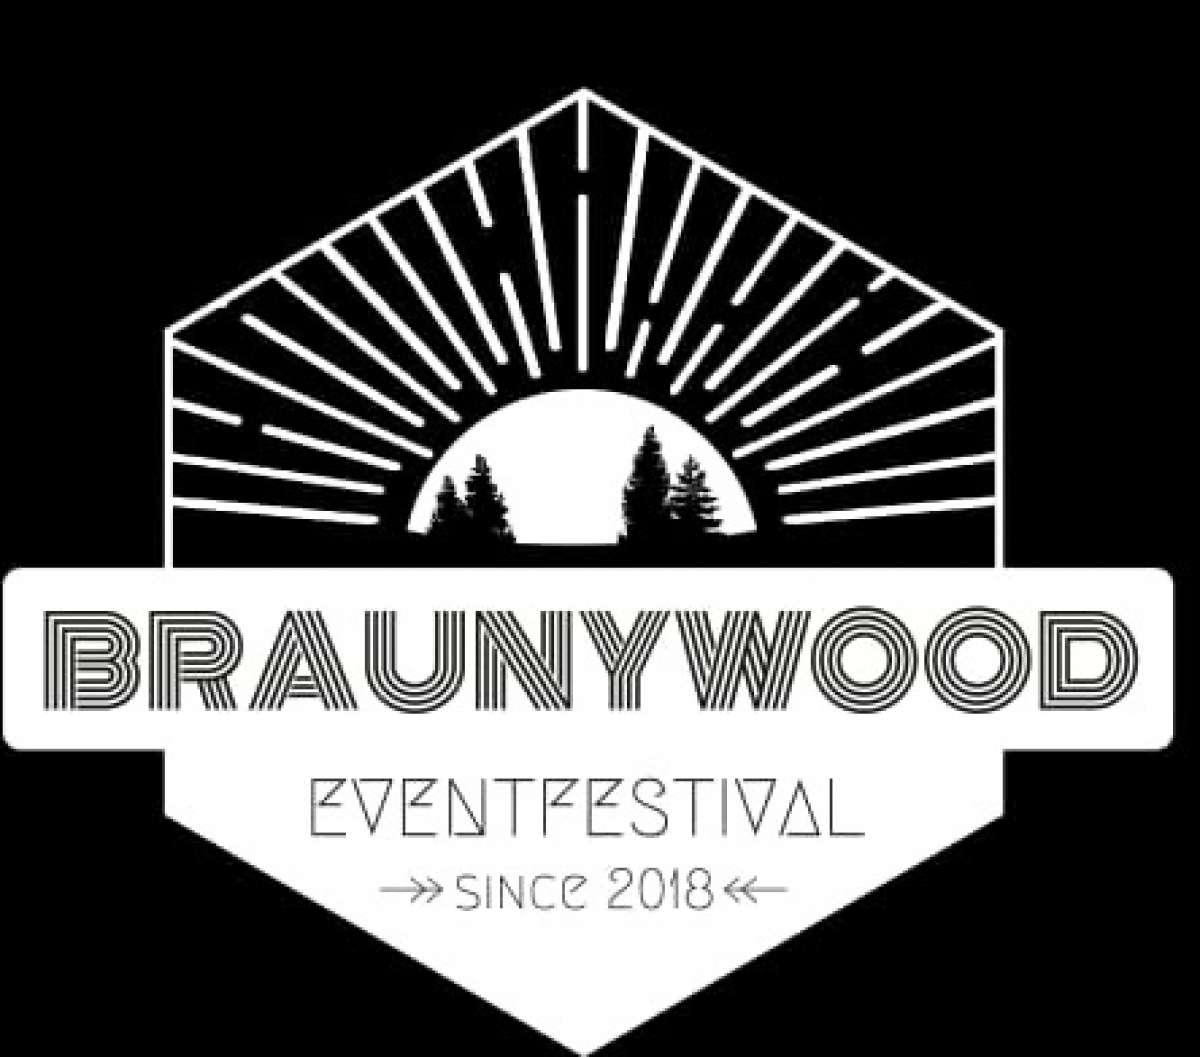 Braunywood Eventfestival - EUNIQUE, KnowledgeBoy, DJ Zoka - Festgelände Braunywood Festival - Bad Arolsen-Braunsen